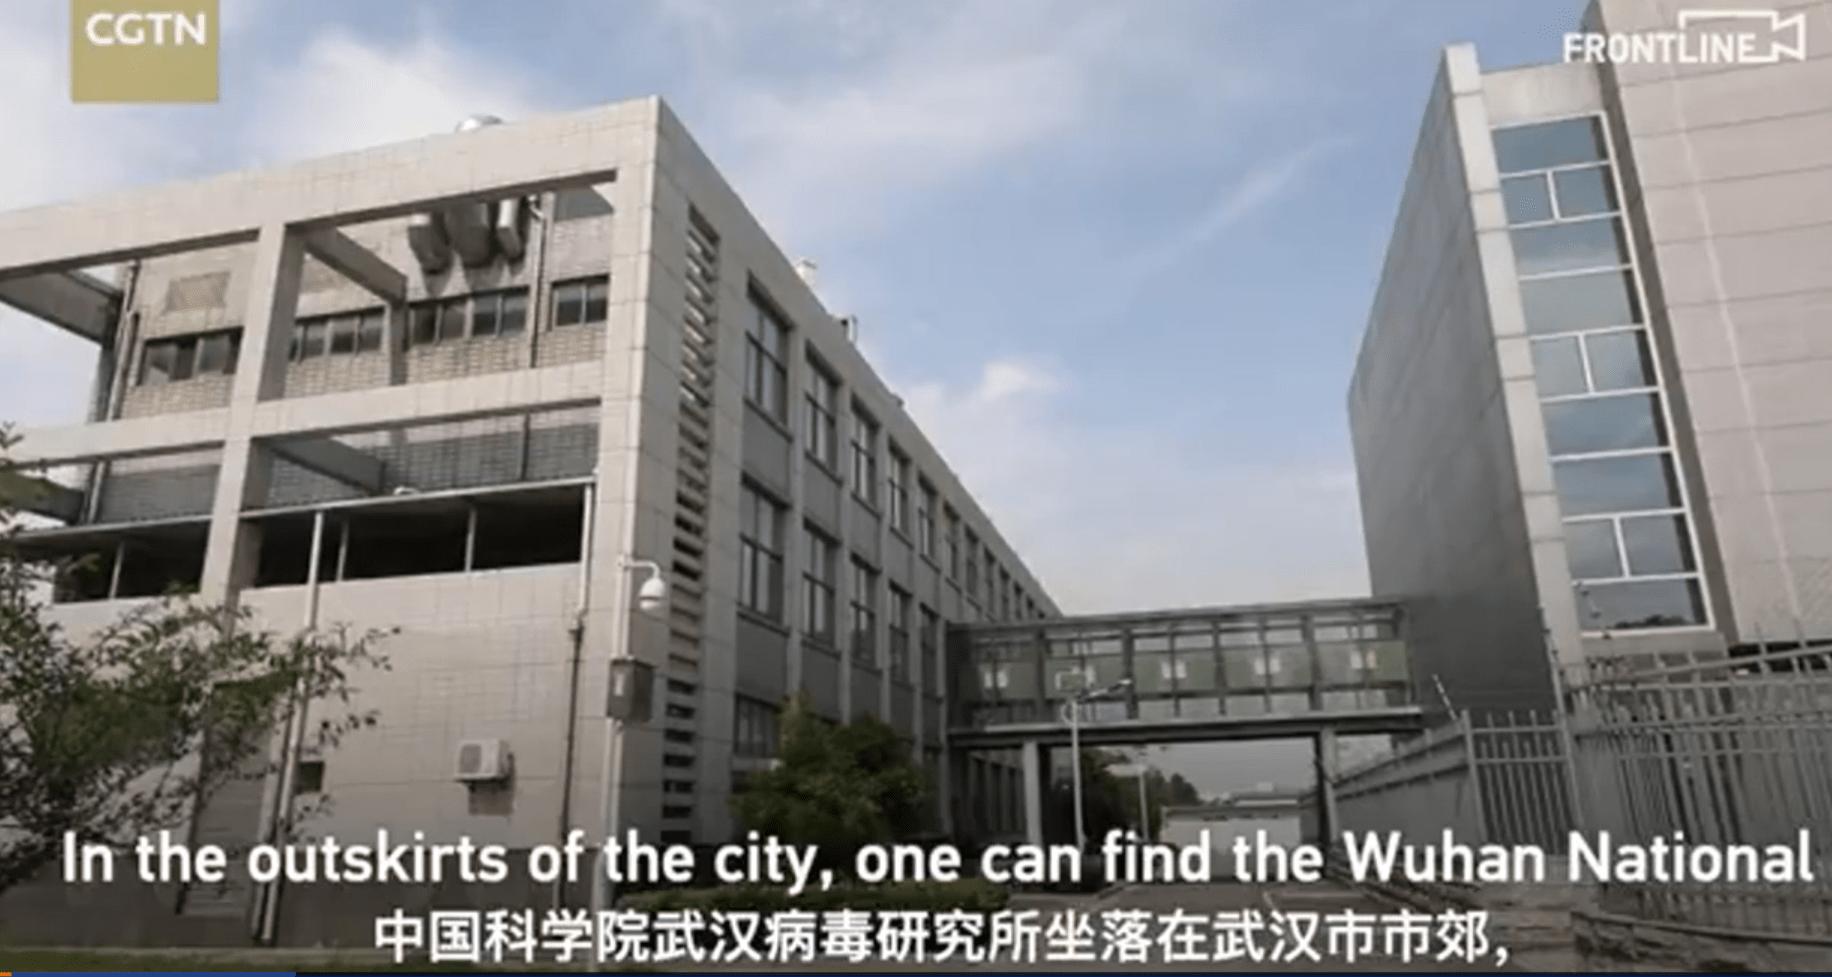 武汉国家生物安全实验室到底有多安全?CGTN探访:没有得到许可,一只蚊子都飞不进去